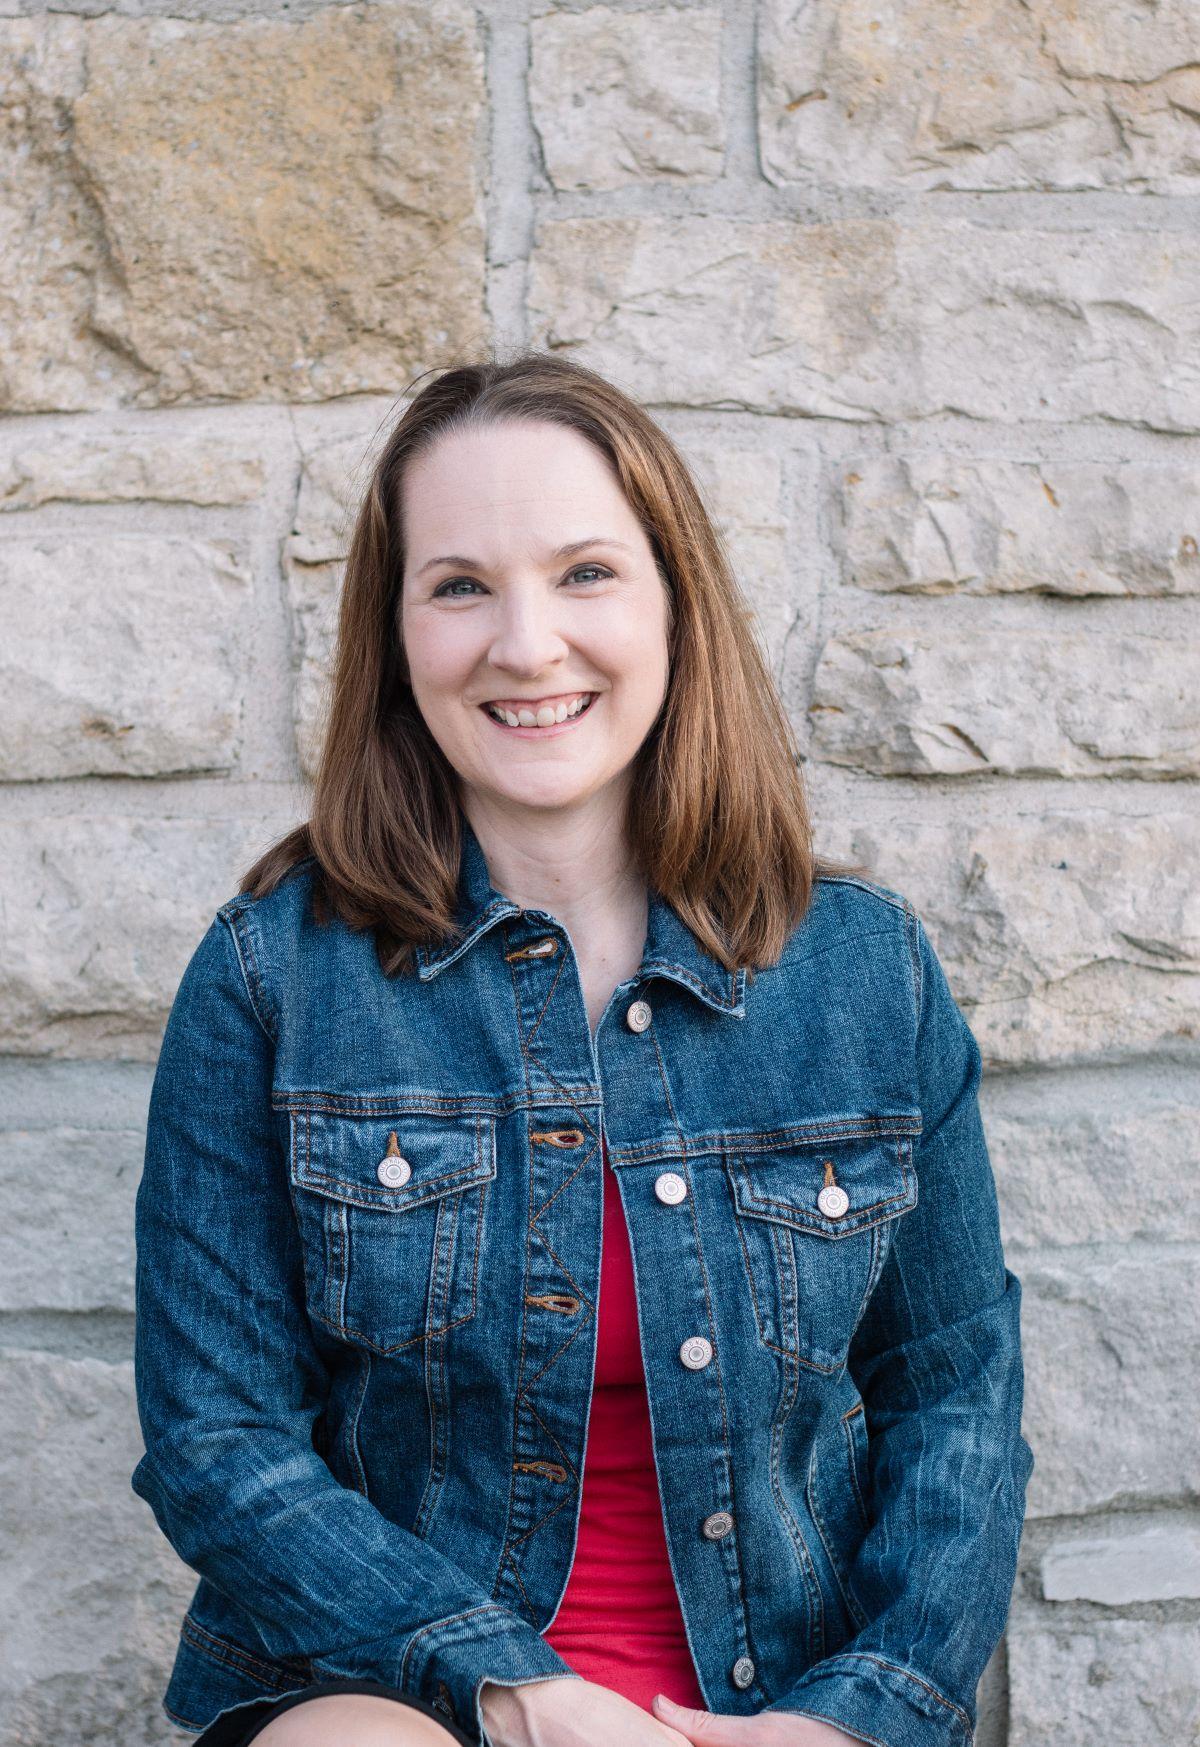 Sara Brunsvold contemporary fiction author